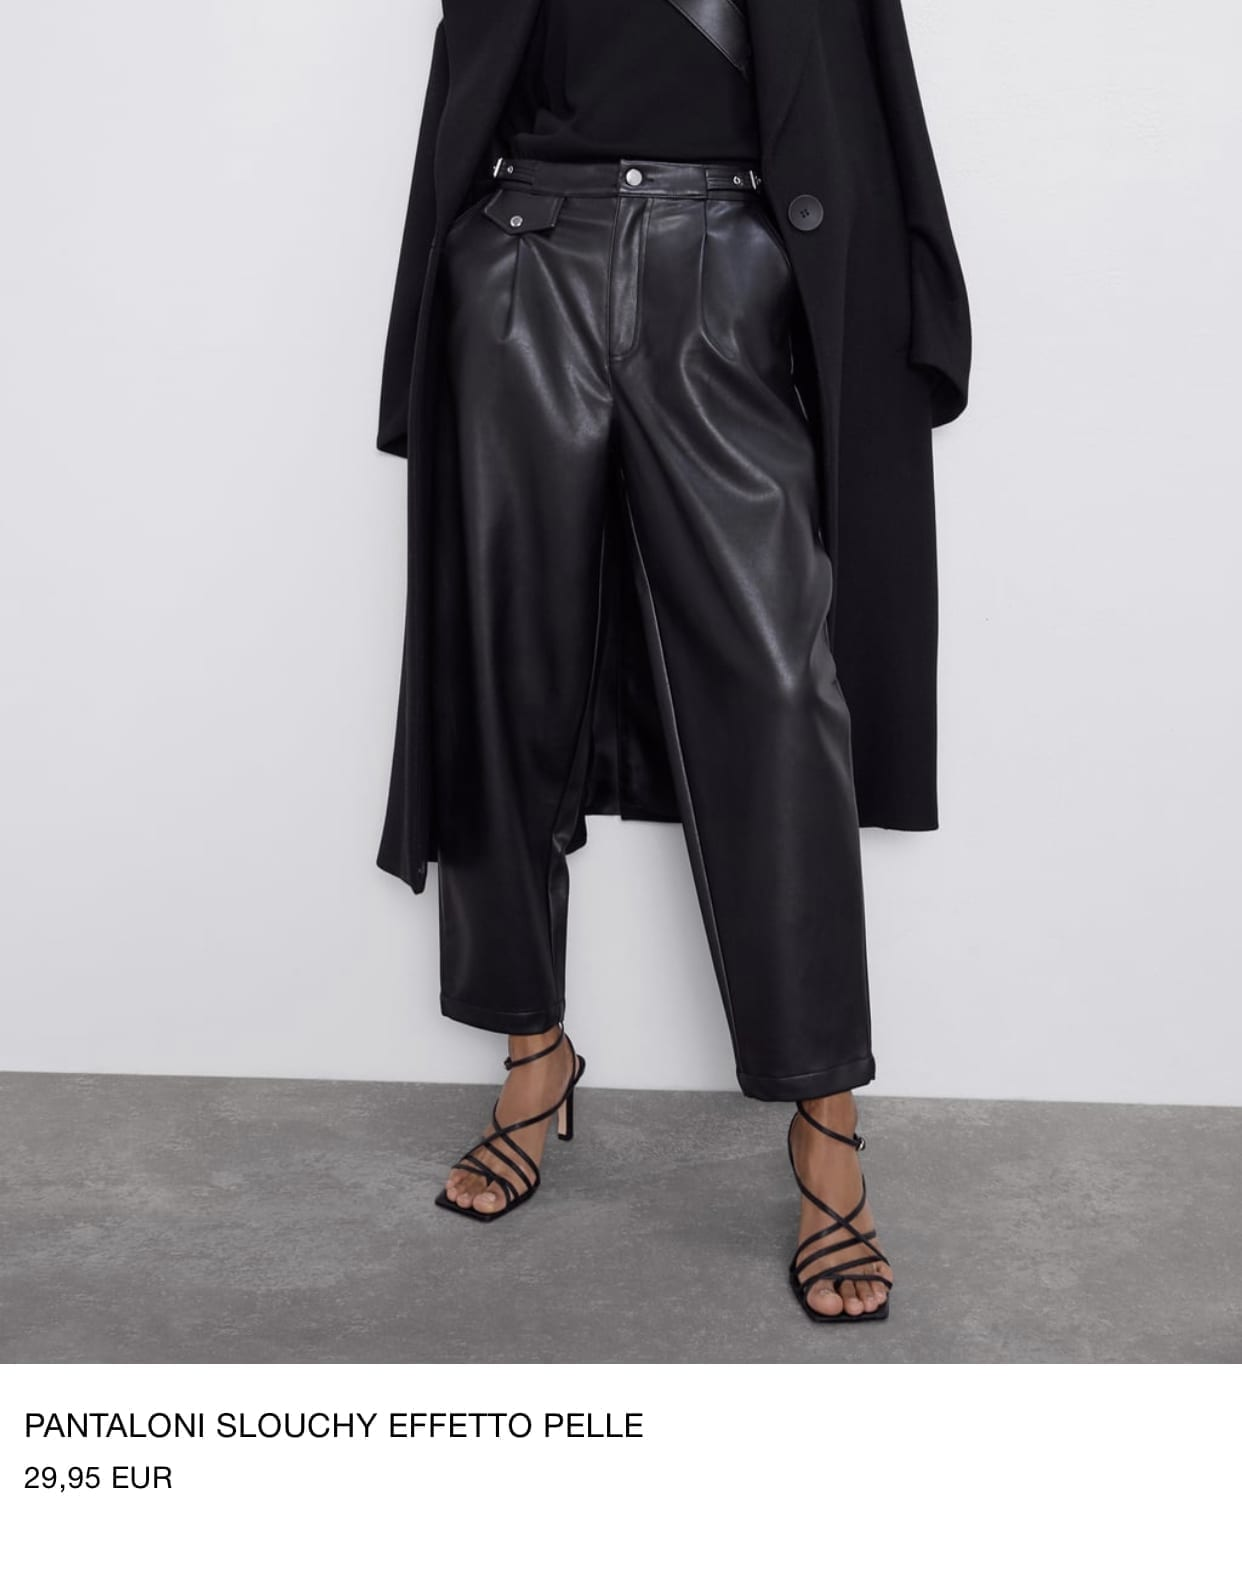 cosa comprare da zara autunno 2019, pantaloni zara 2019, come vestirsi minimal chic